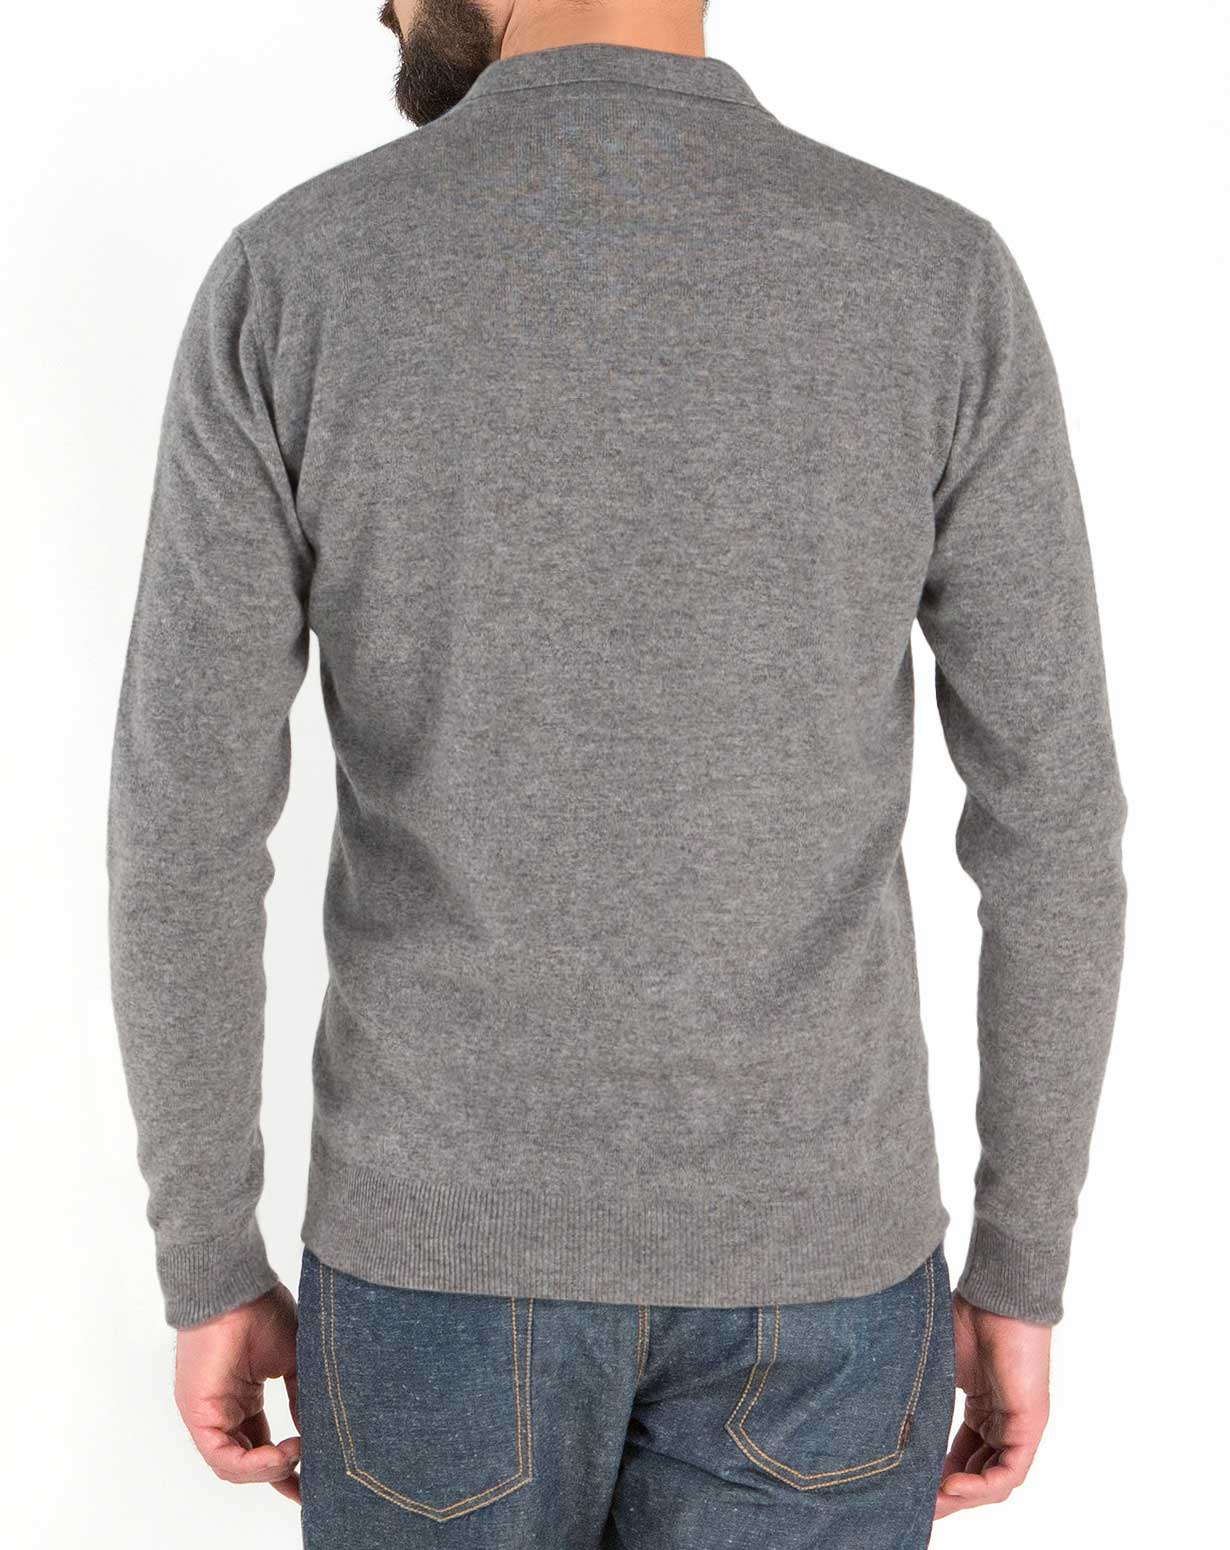 men 39 s pure cashmere polo shirt maisoncashmere